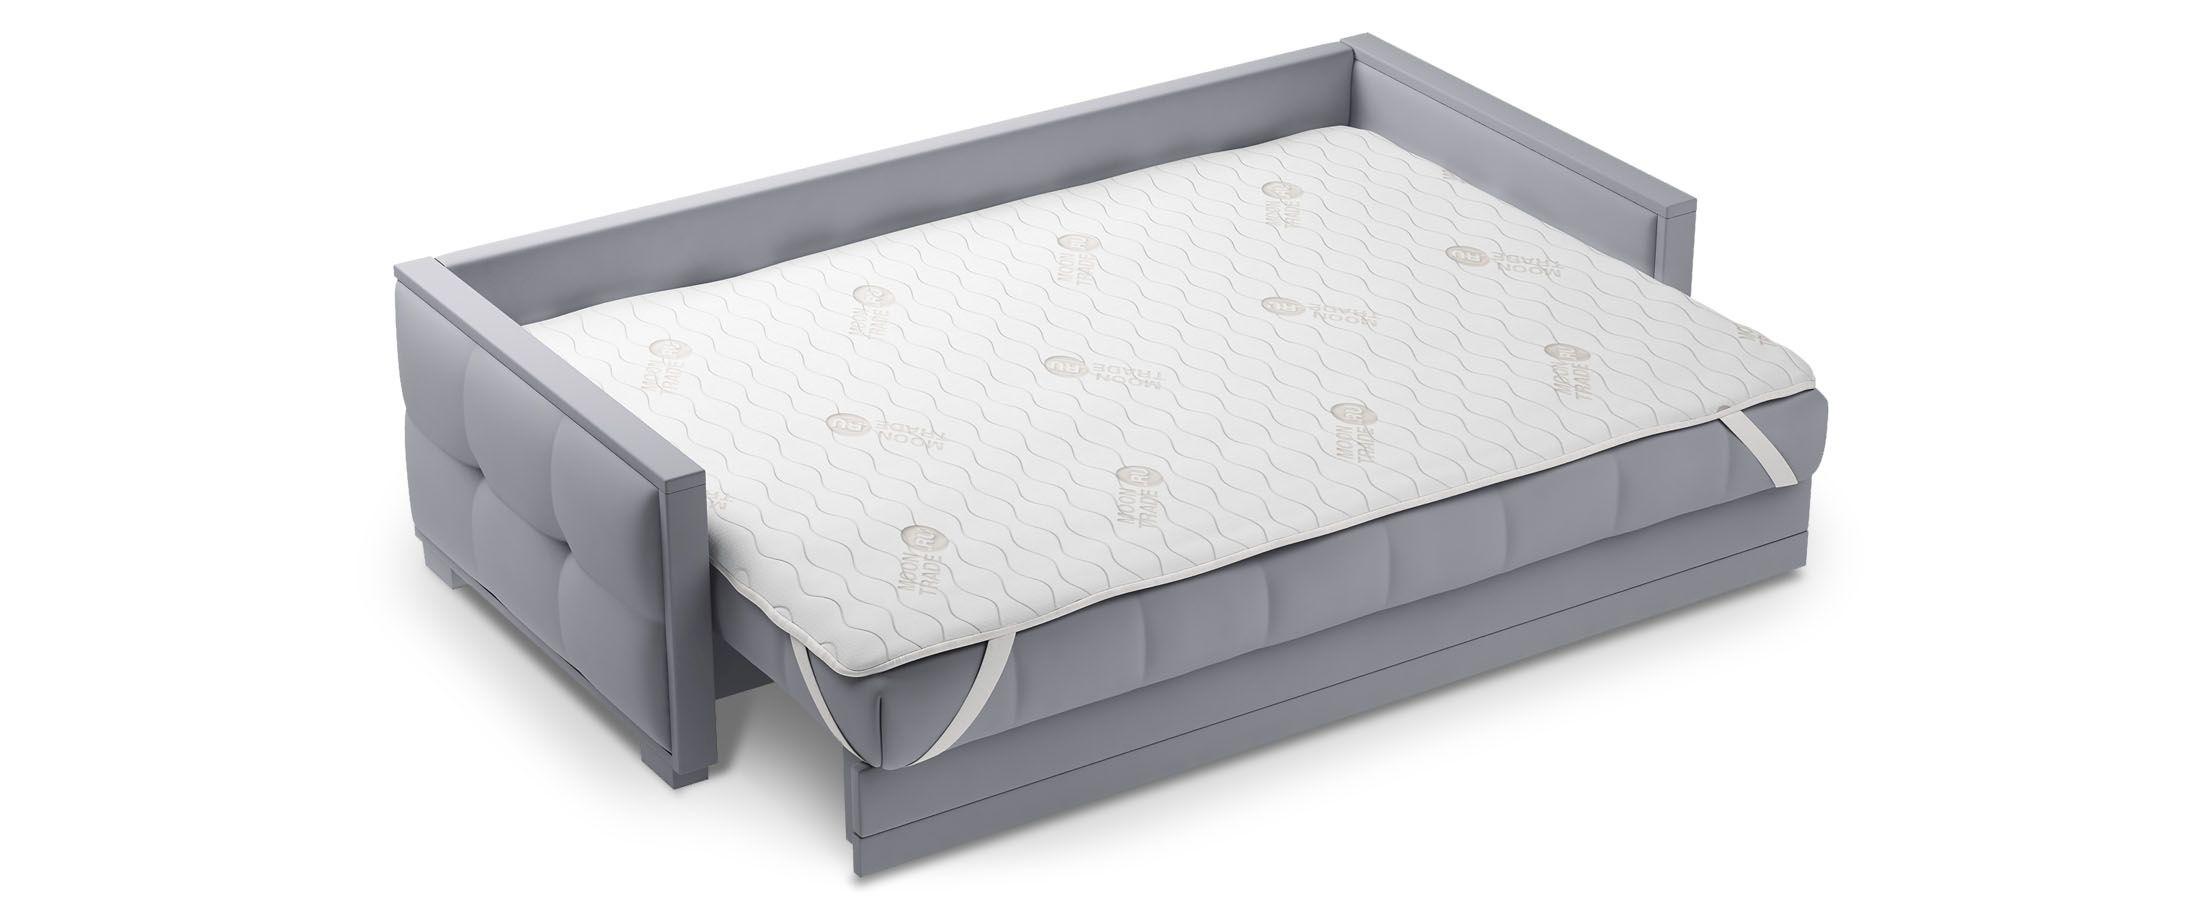 Наматрасник MOON TRADE 190х205 см Модель 059Наматрасник MOON TRADE изготовлен из трикотажной ткани, простёганной на синтепоне. Резинки по углам для крепления к спальному месту делают его практичным и удобным в эксплуатации.<br><br>Ширина см: 190<br>Глубина см: 205<br>Высота см: 1<br>Материал: Трикотаж